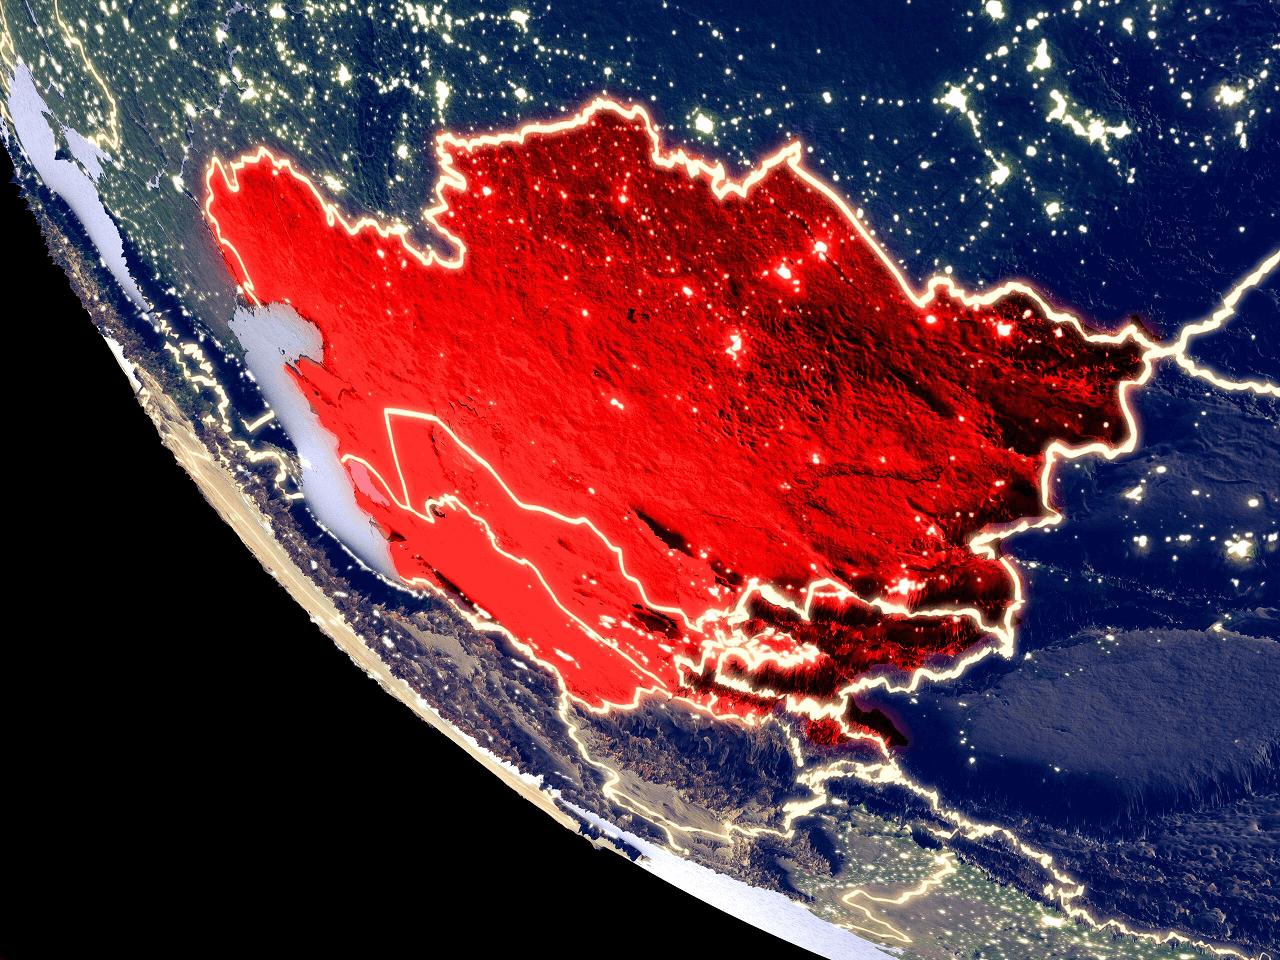 Avrasya Ekonomik Birliği Türkiye'yi Gelişmekte Olan Ülkeler Statüsünden Çıkardı